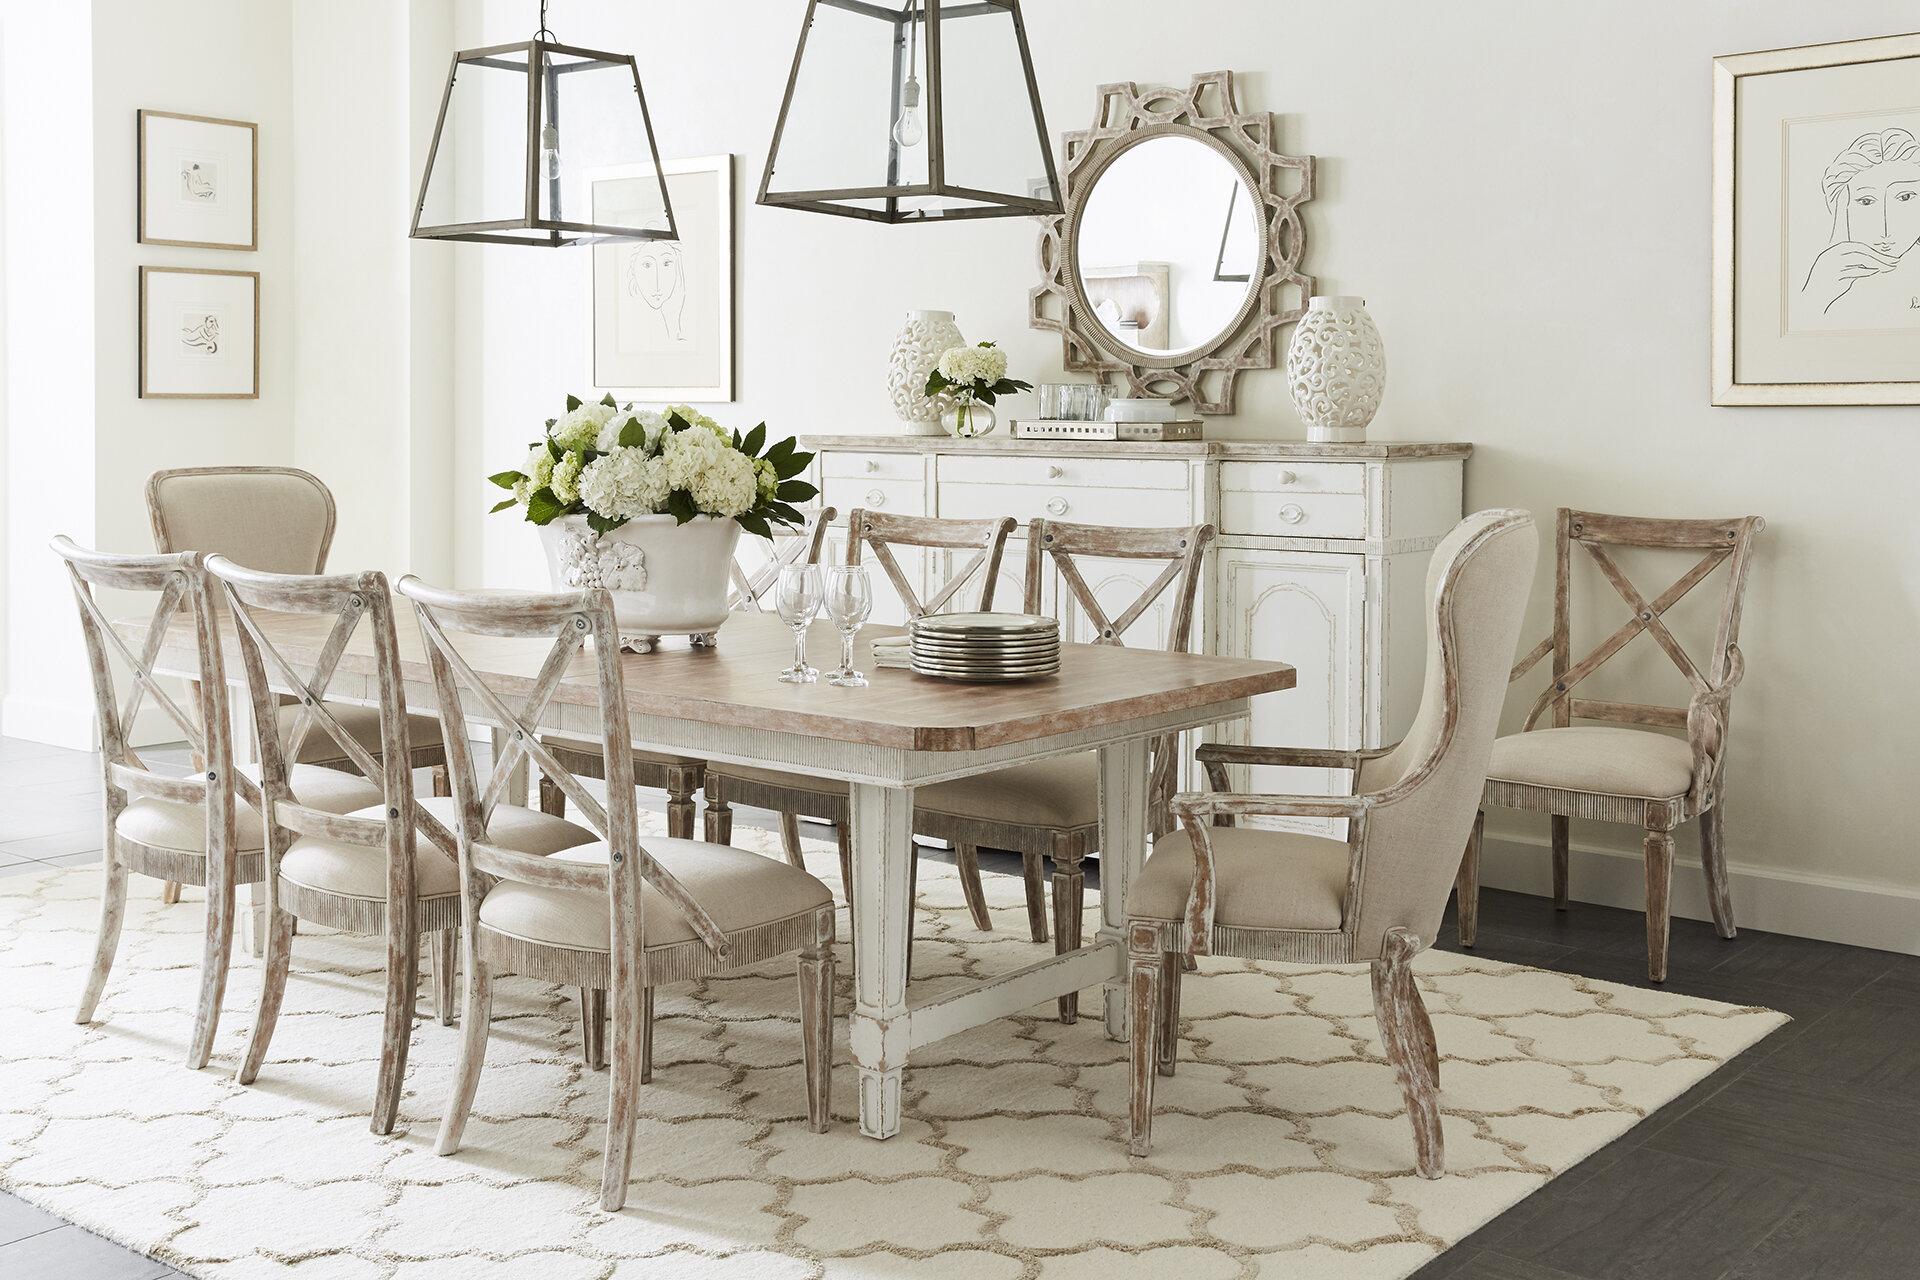 11 piece dining set Stanley Juniper Dell 11 Piece Dining Set & Reviews | Wayfair 11 piece dining set